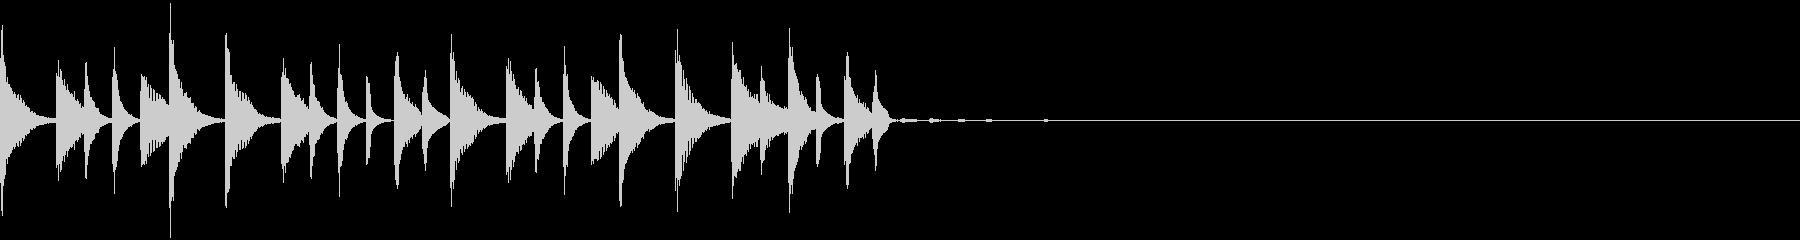 スローなトラップジングルの未再生の波形